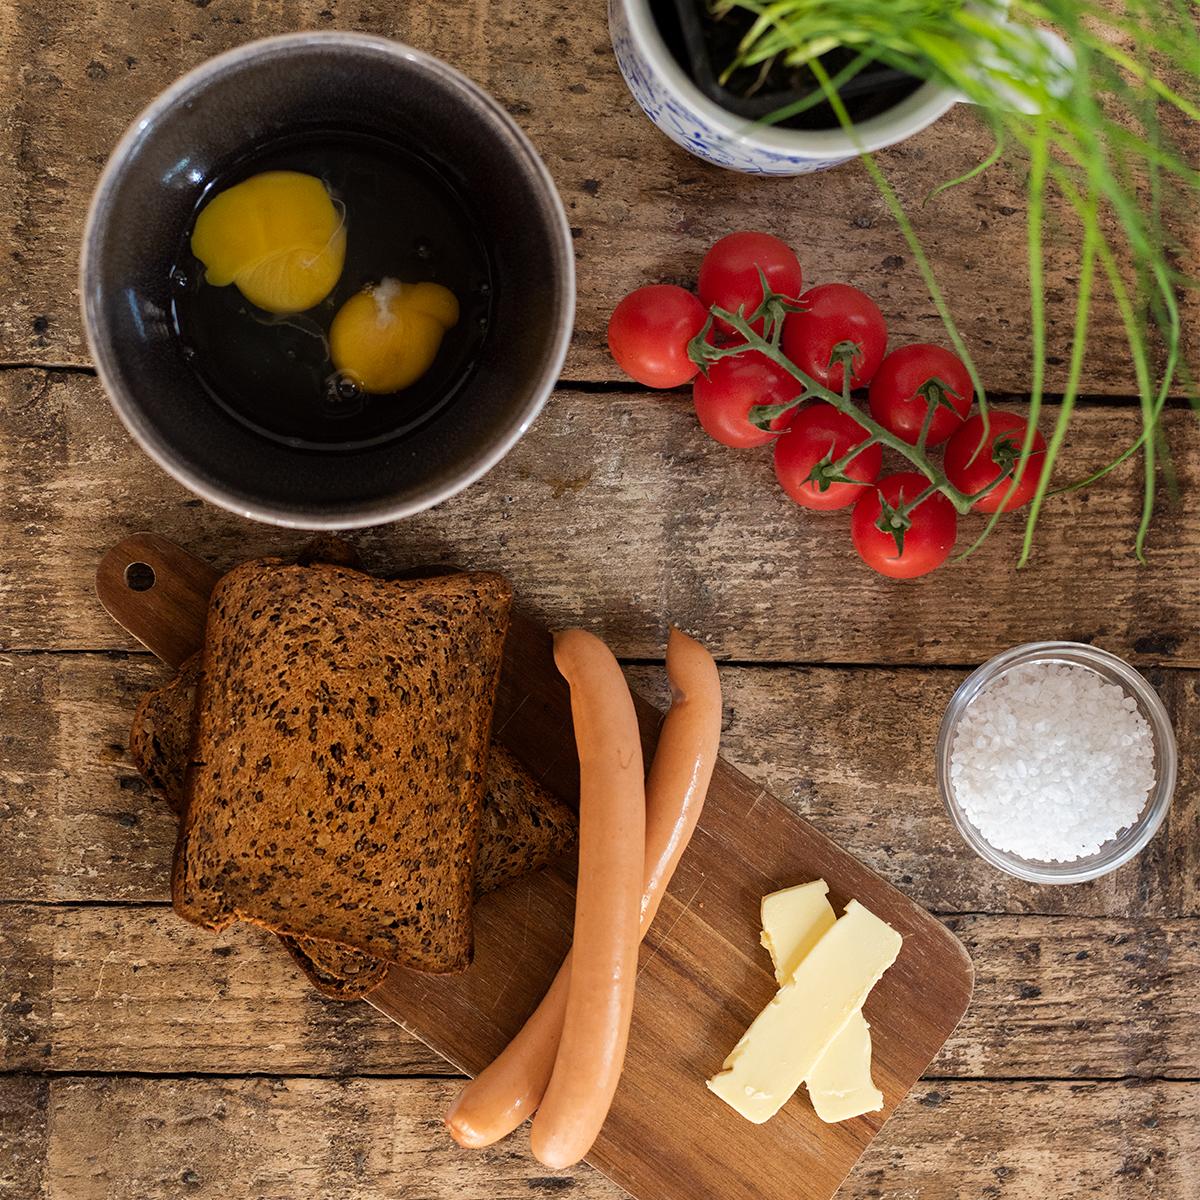 Francouzská snídaně zbio ingrediencí